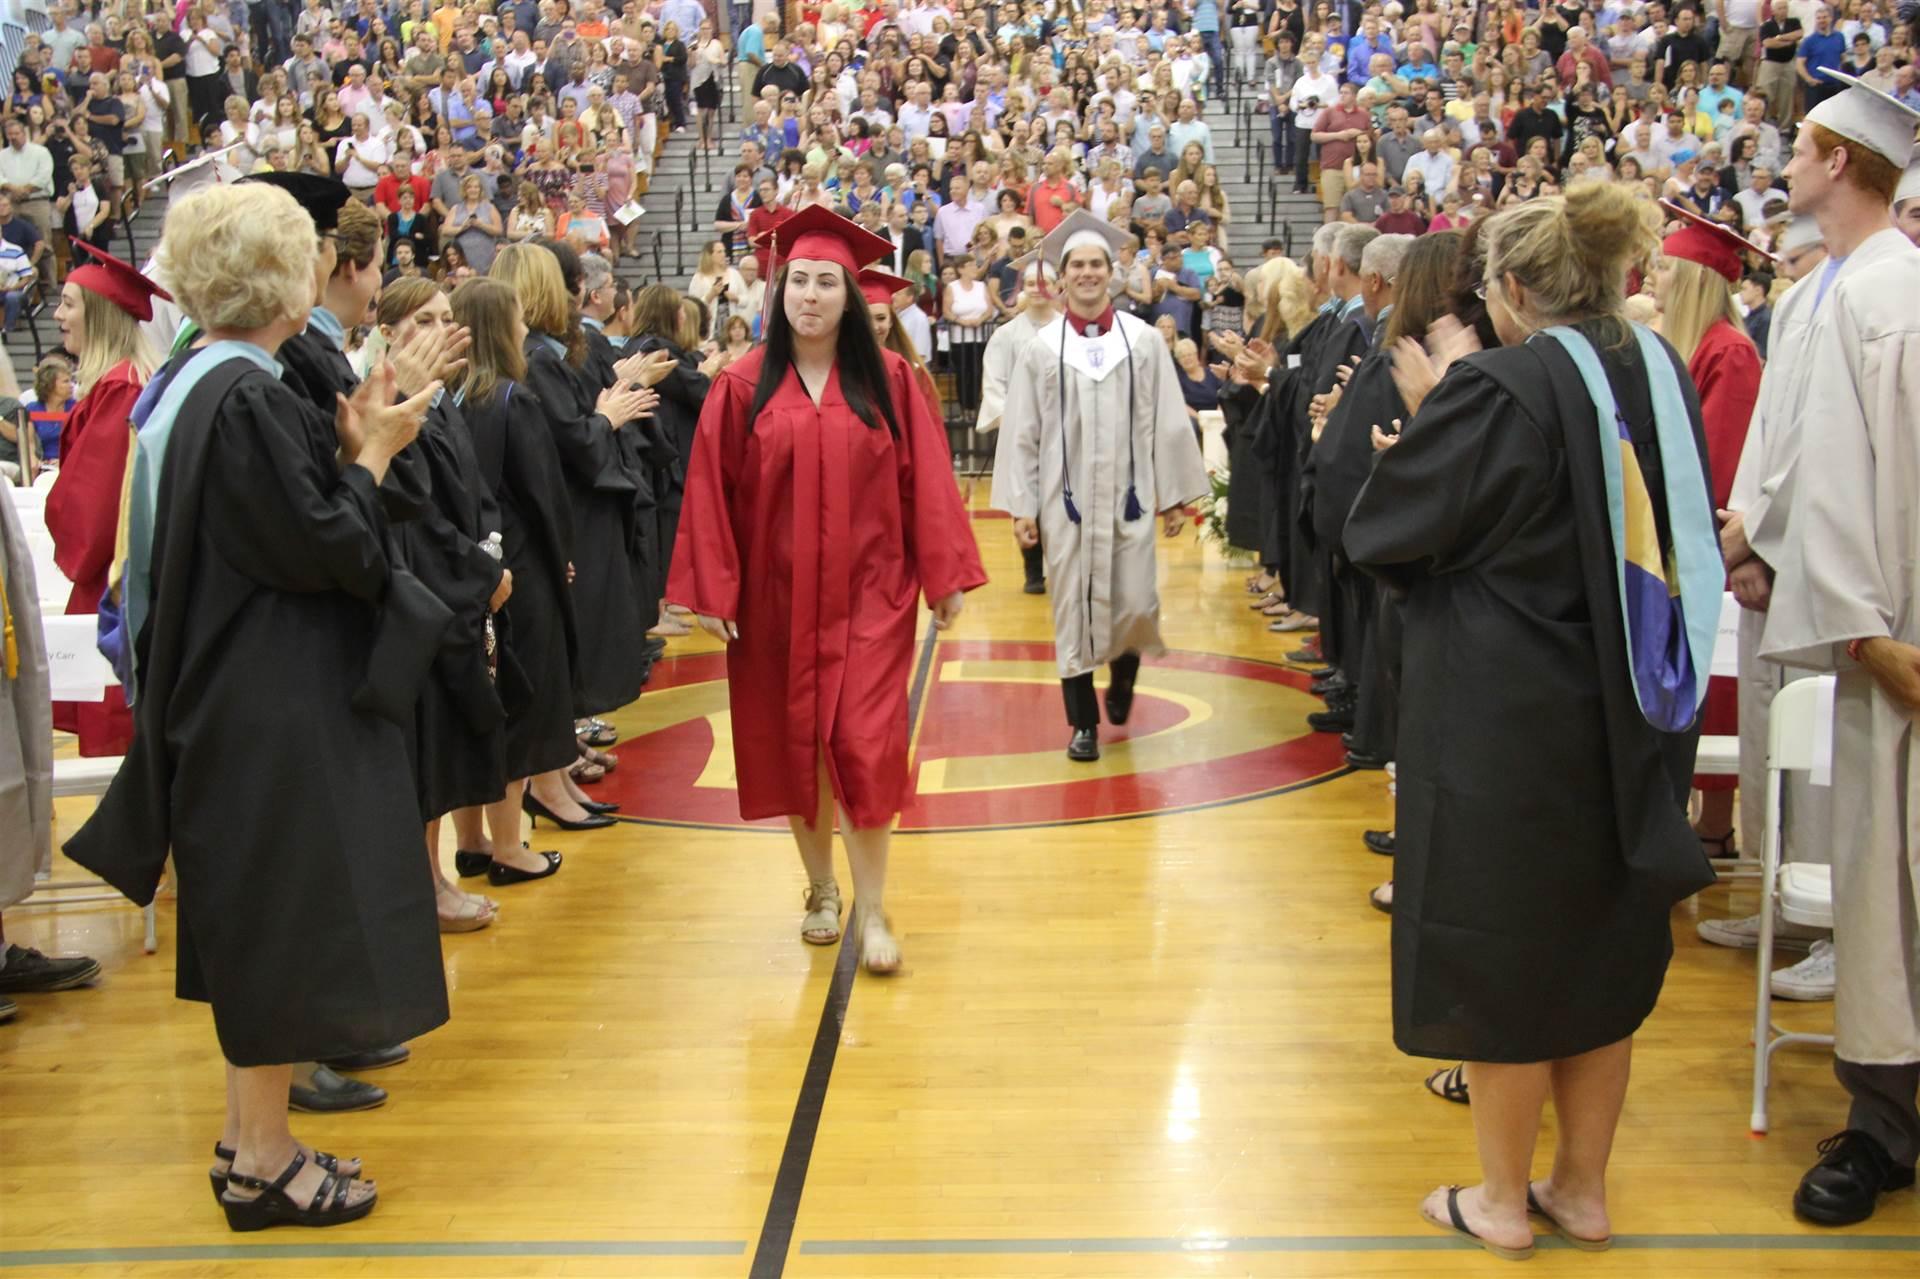 photo 55 from 2017 C V Graduation.